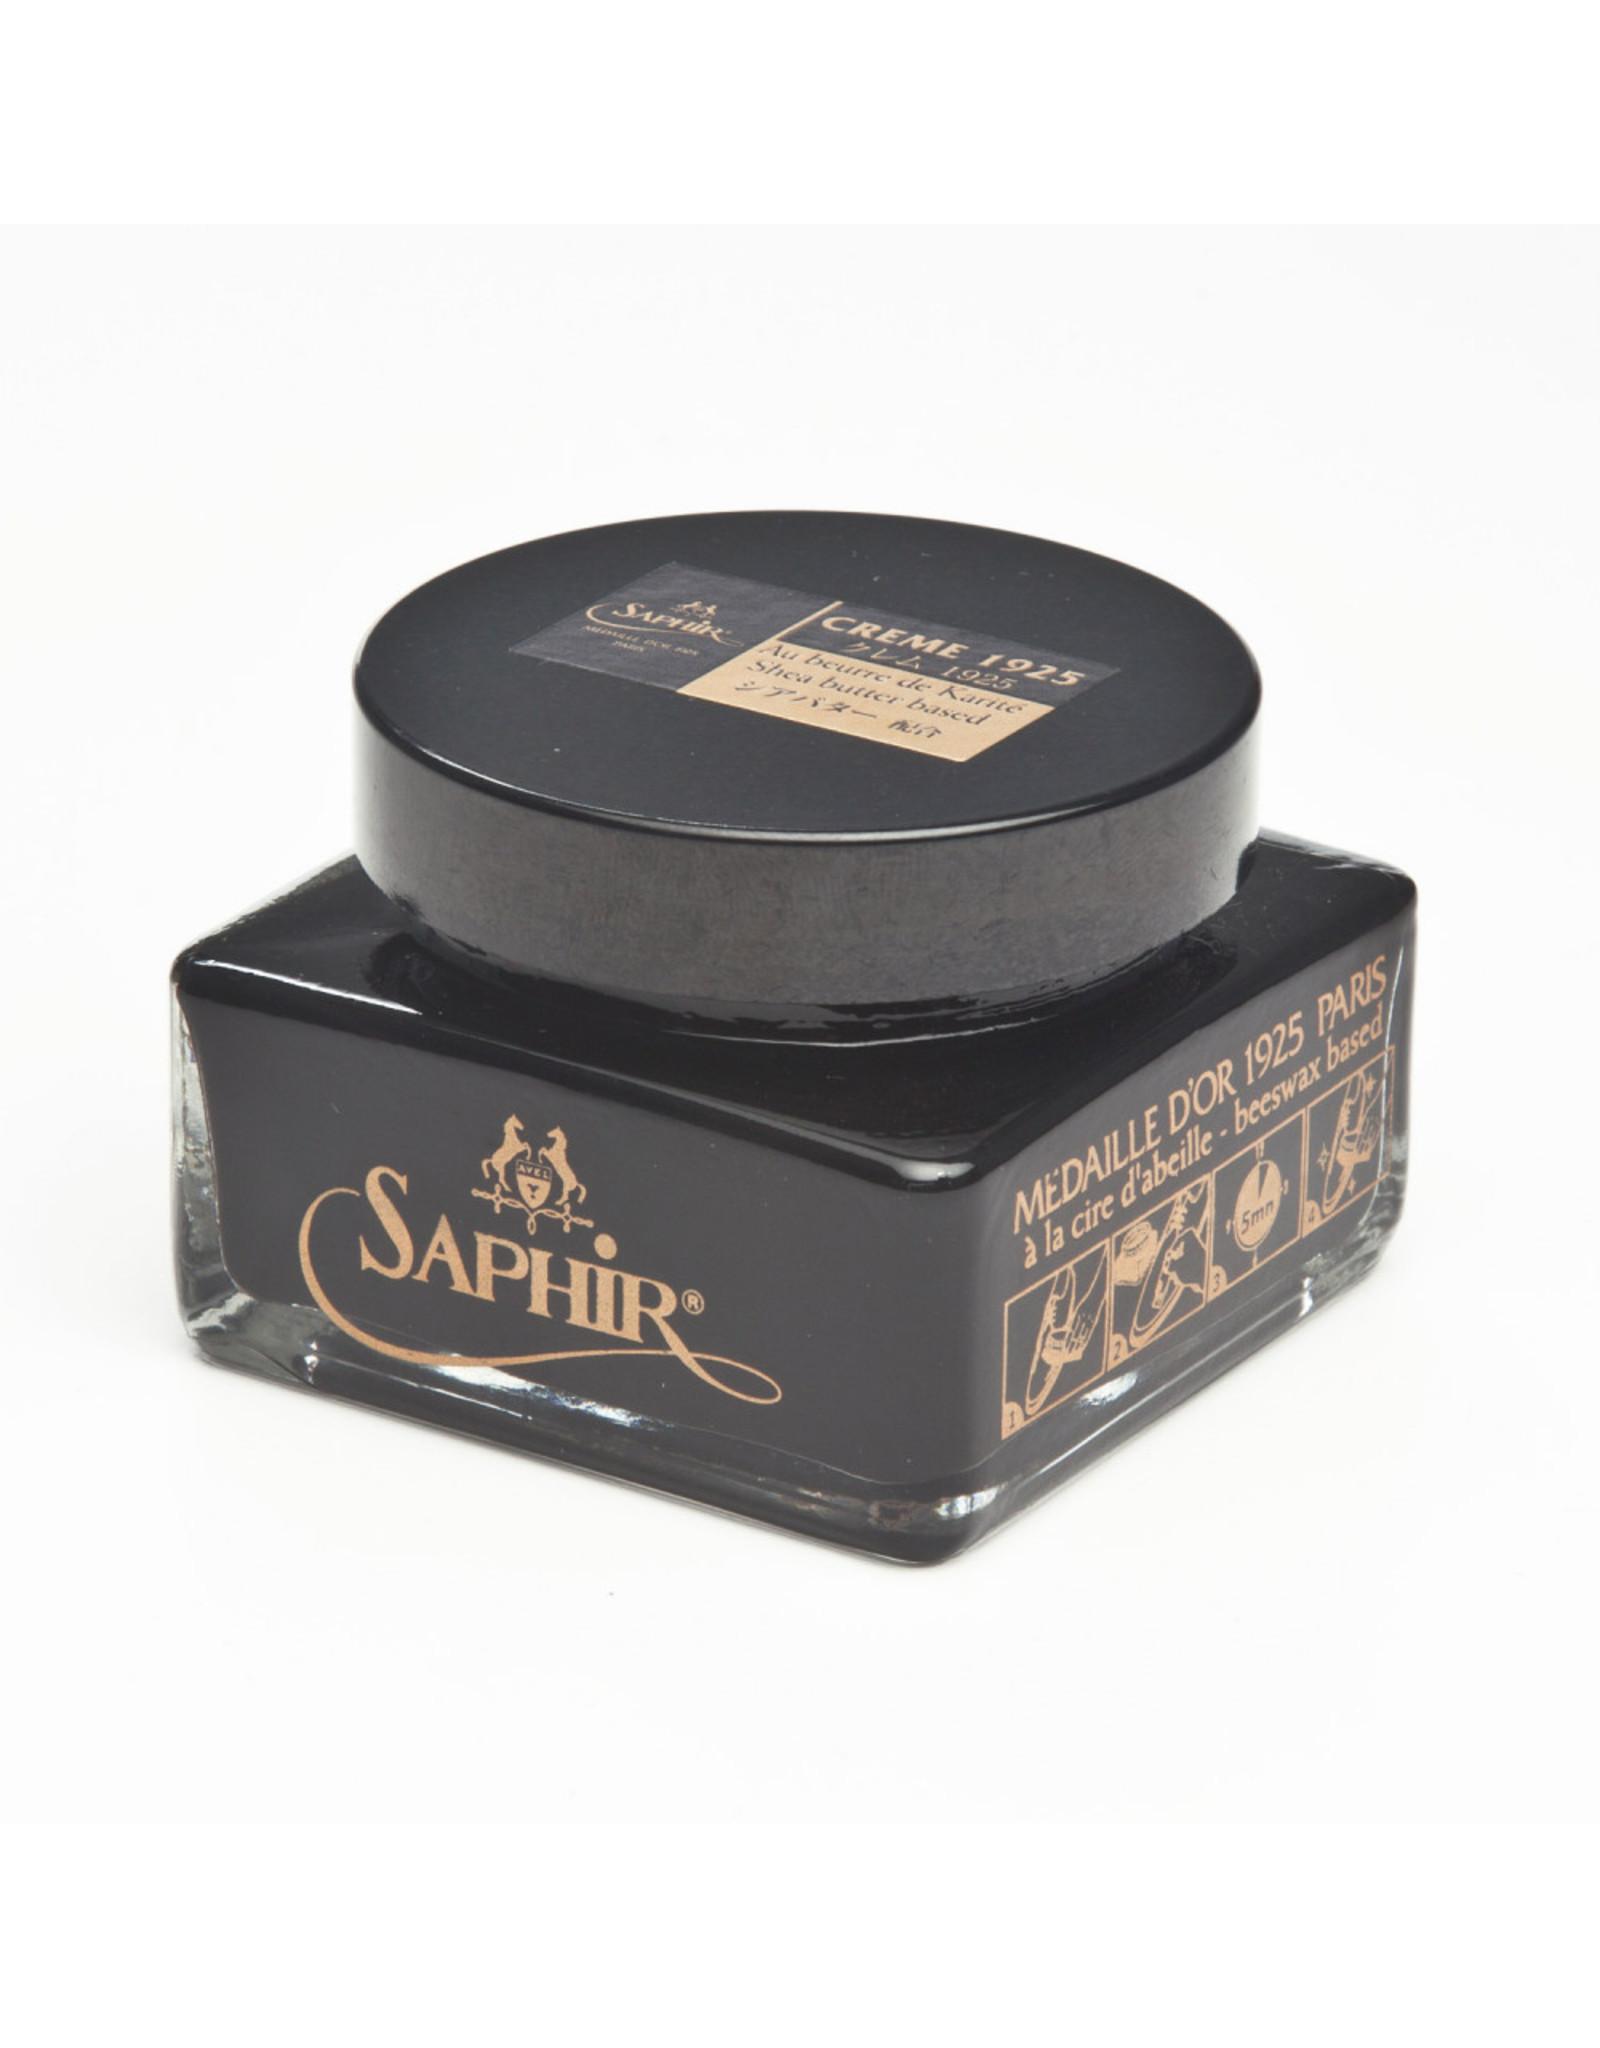 Saphir médaille d'Or's world-famous Crème 1925